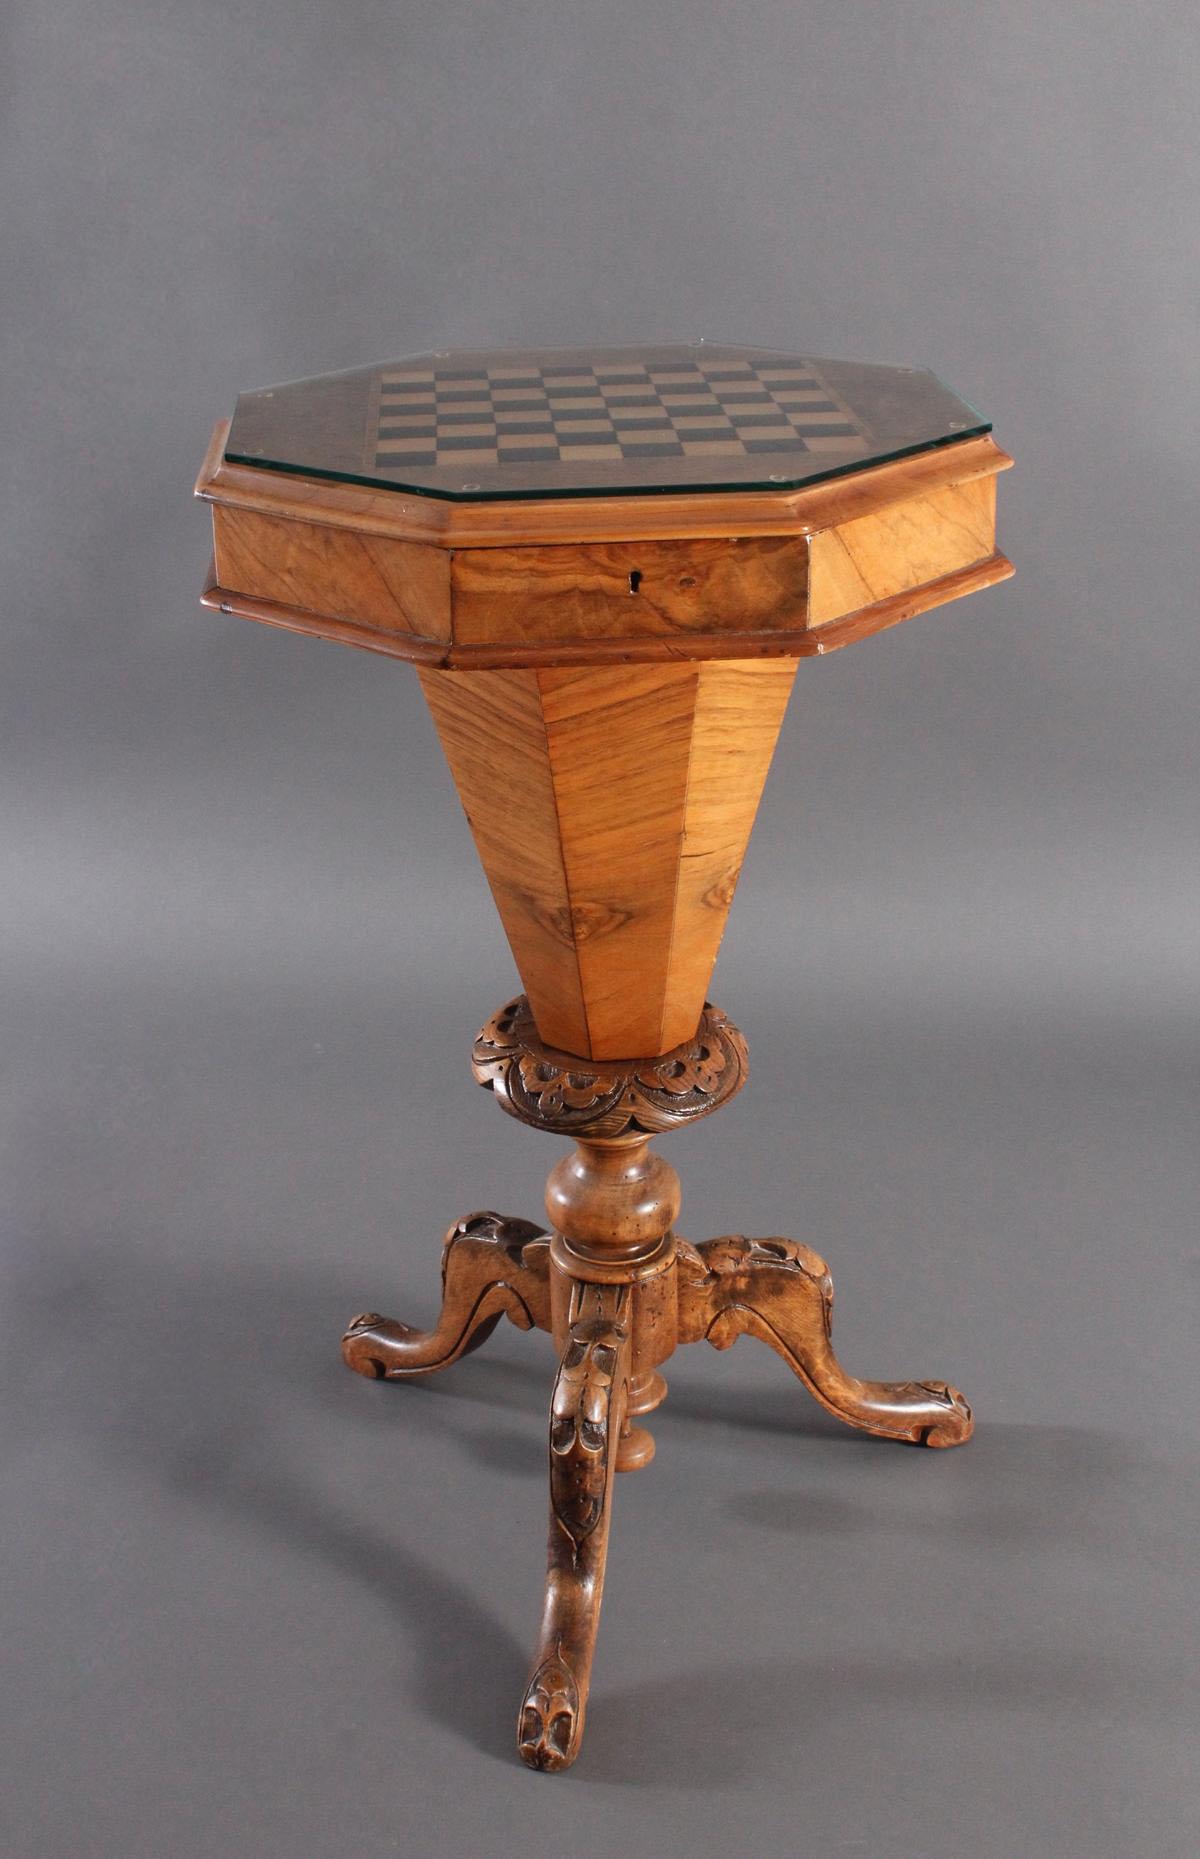 Schach-/Beistelltisch, 19. Jahrhundert